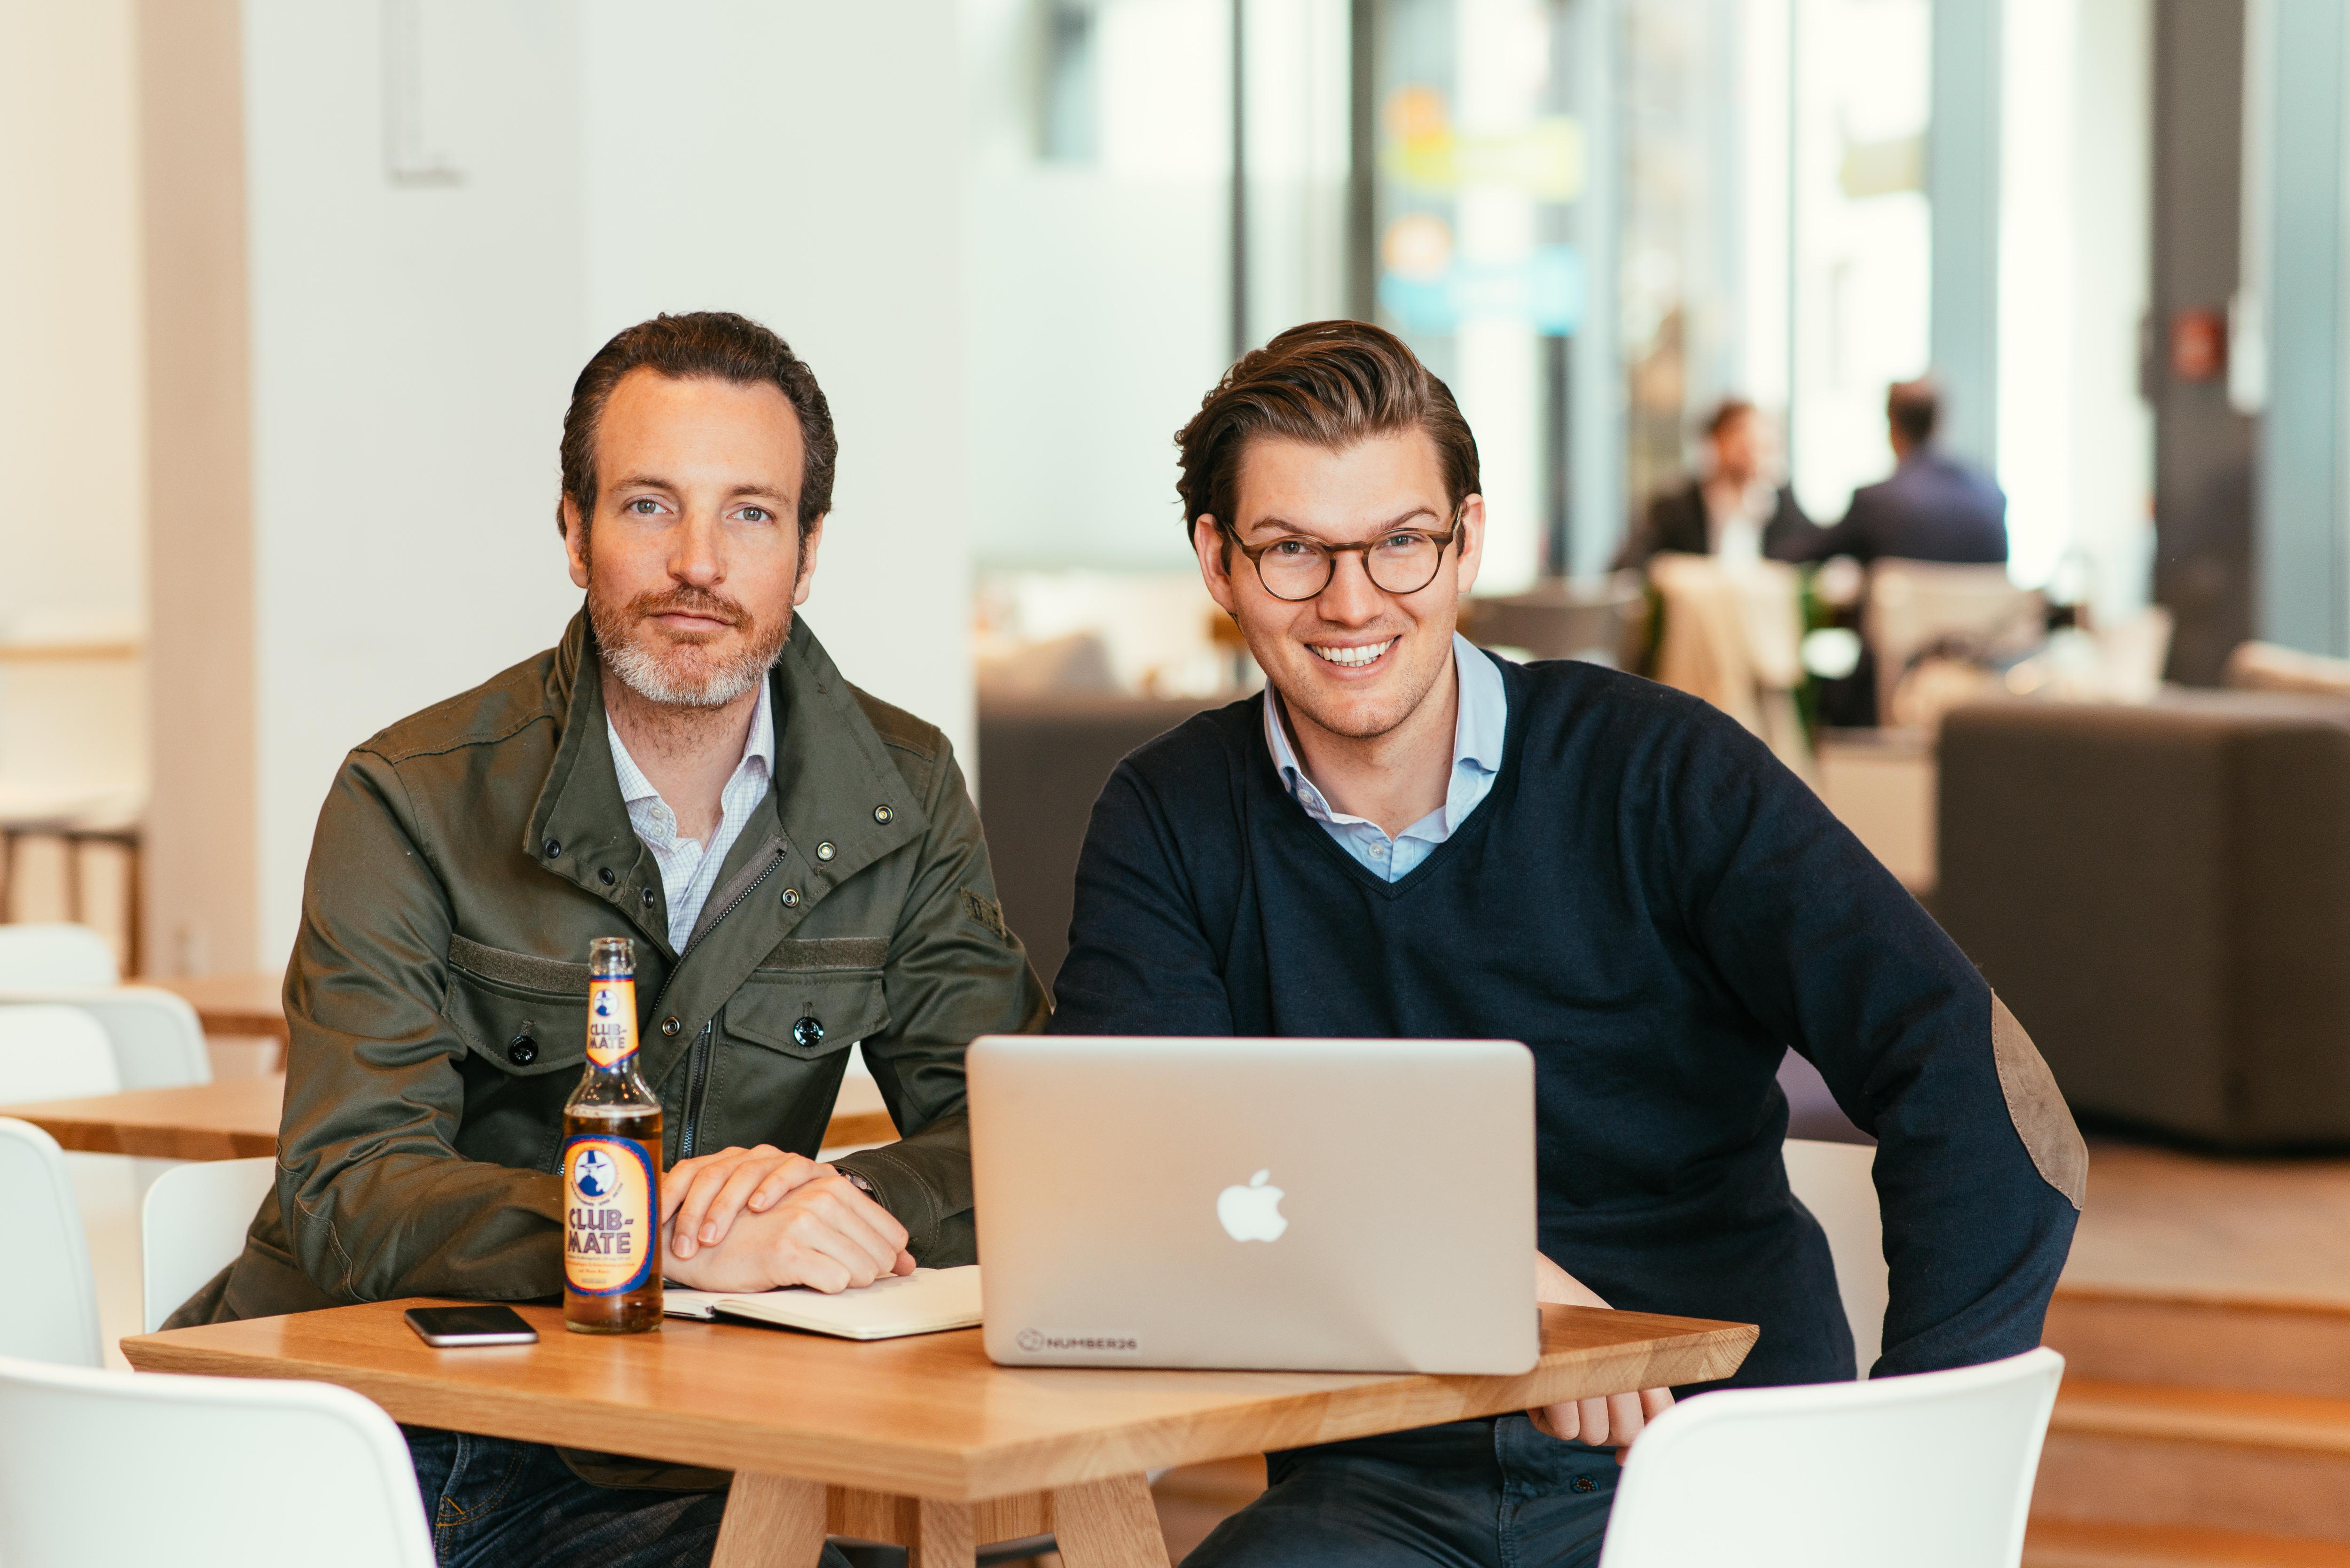 Wiener Gründer von FinTech Startup sammeln 10 Millionen ein